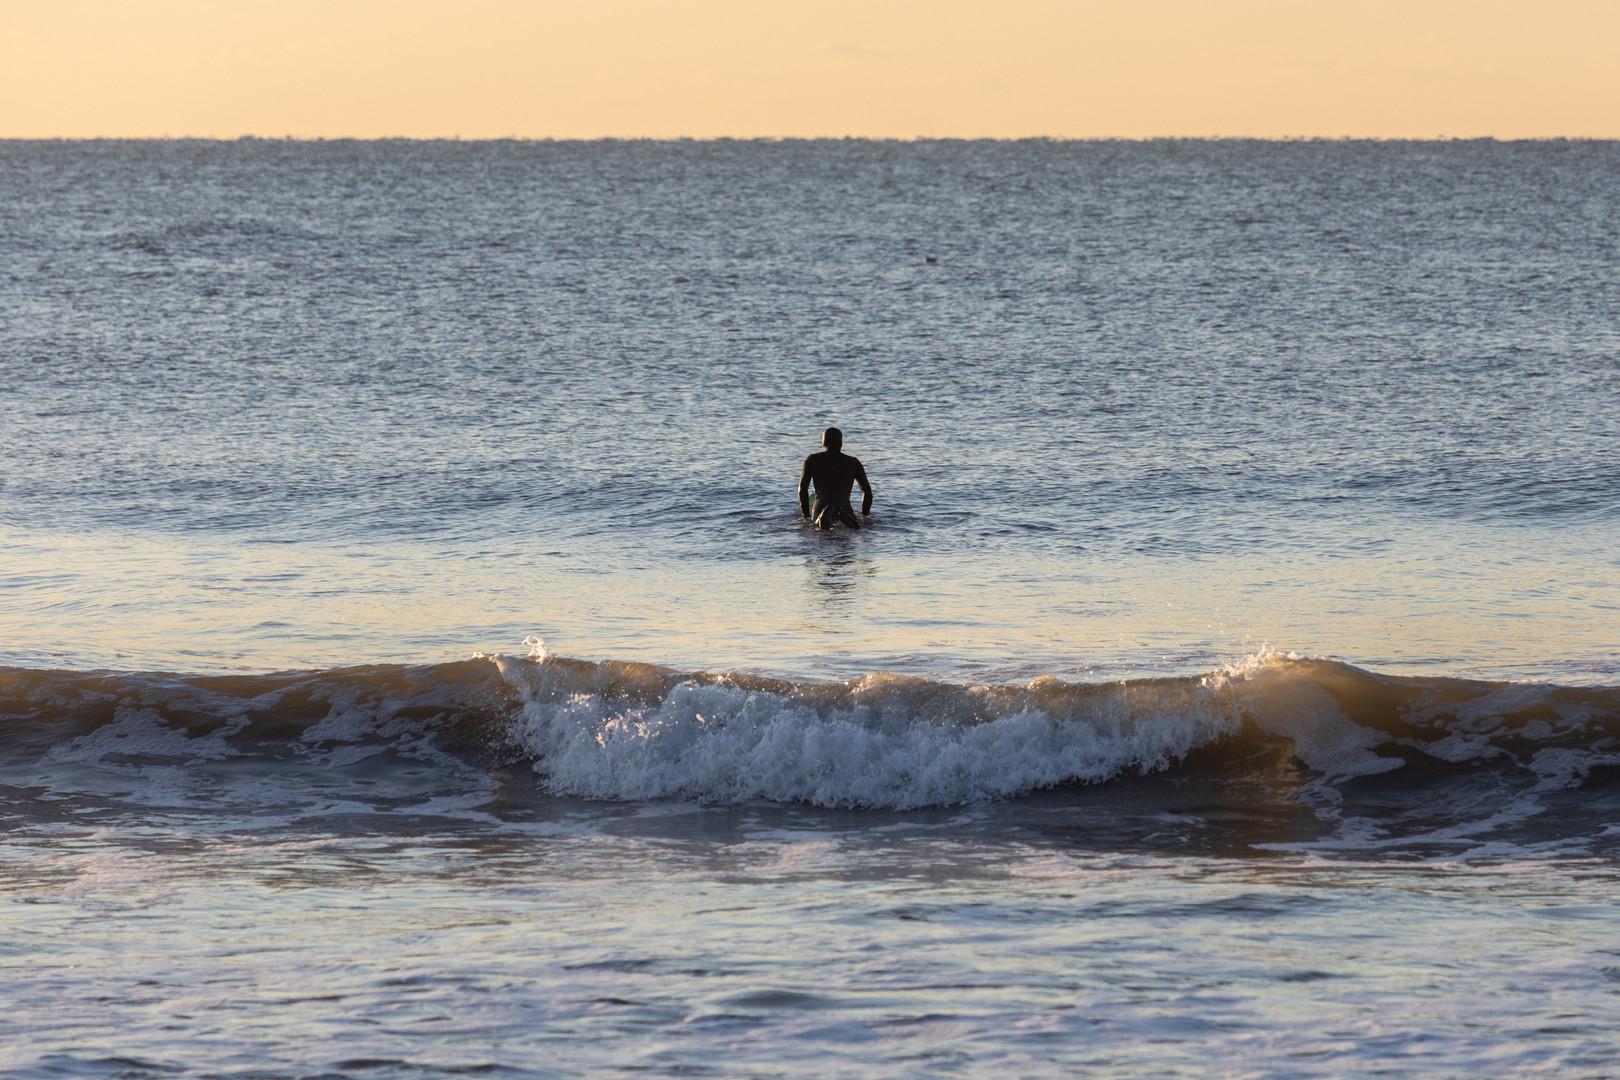 210208-Moran-MTucker-Winter_Surf (11 of